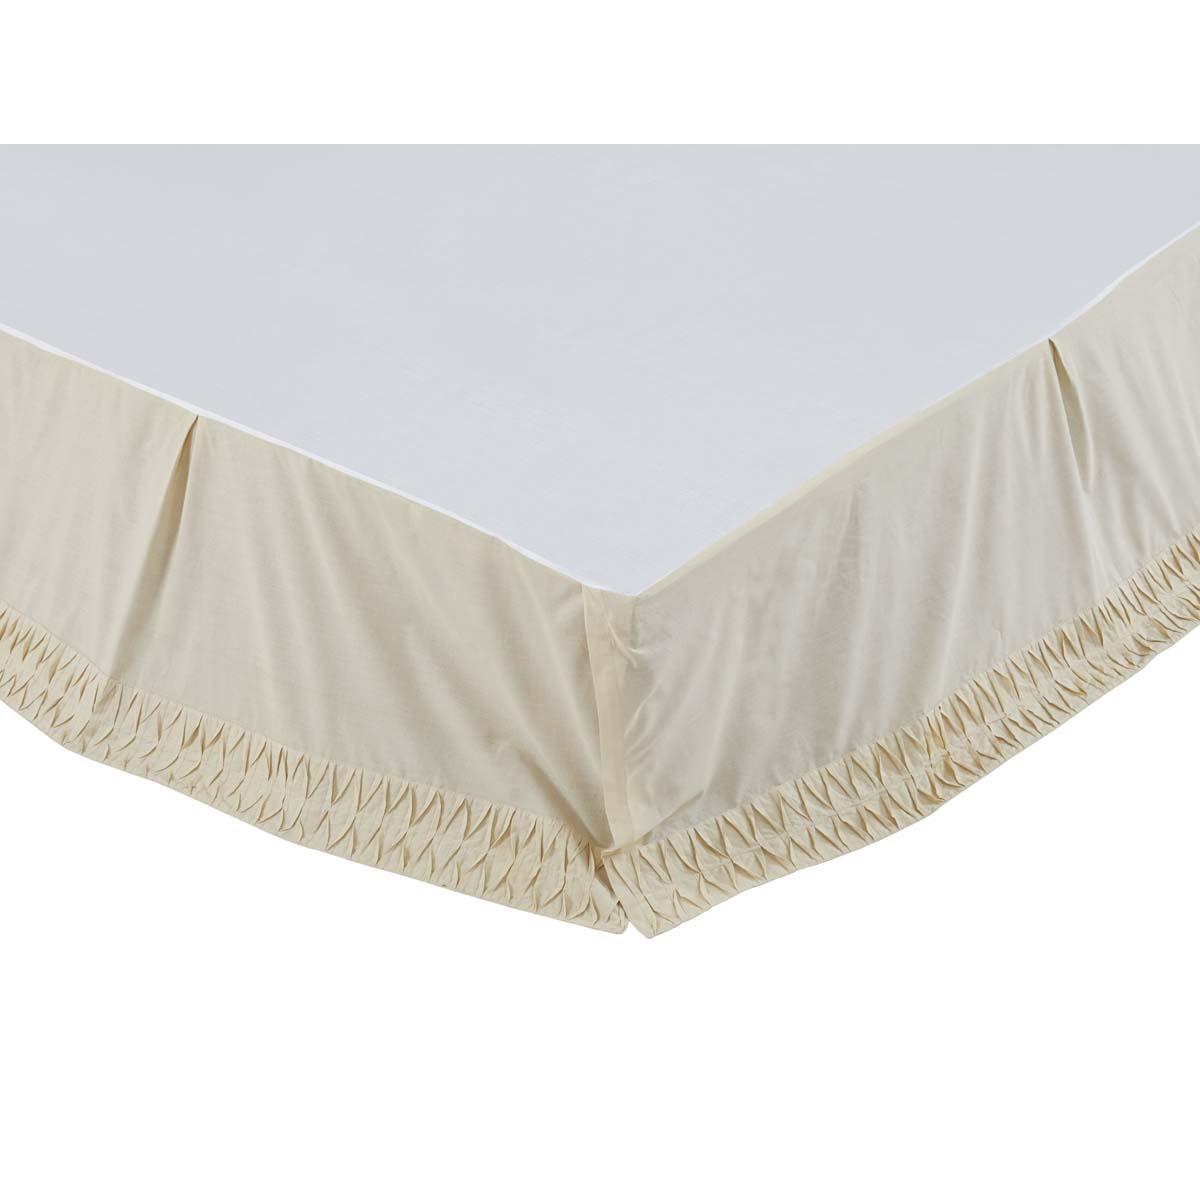 Adelia Creme Queen Bed Skirt 60x80x16